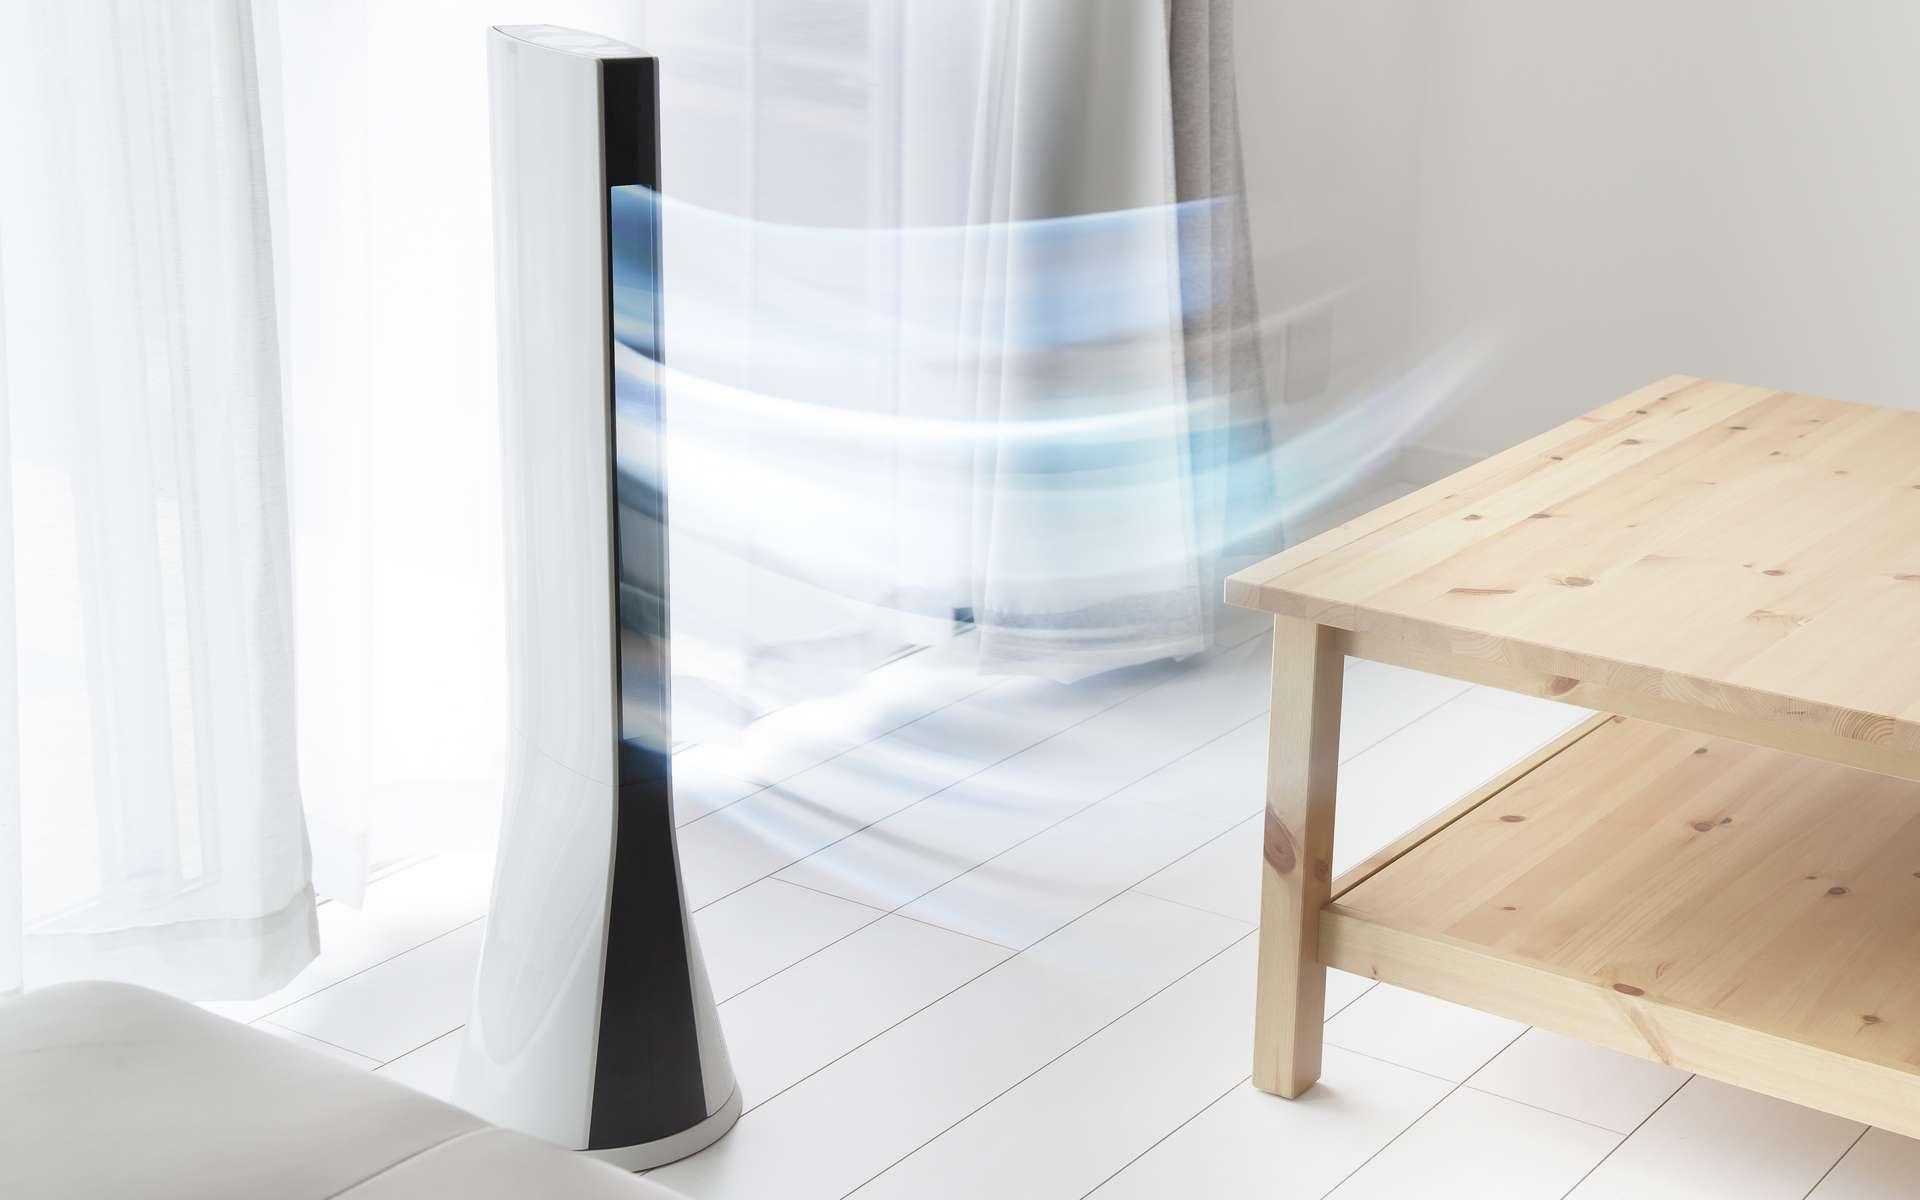 Le ventilateur colonne offre une ventilation plus ample. © y_seki, Adobe Stock